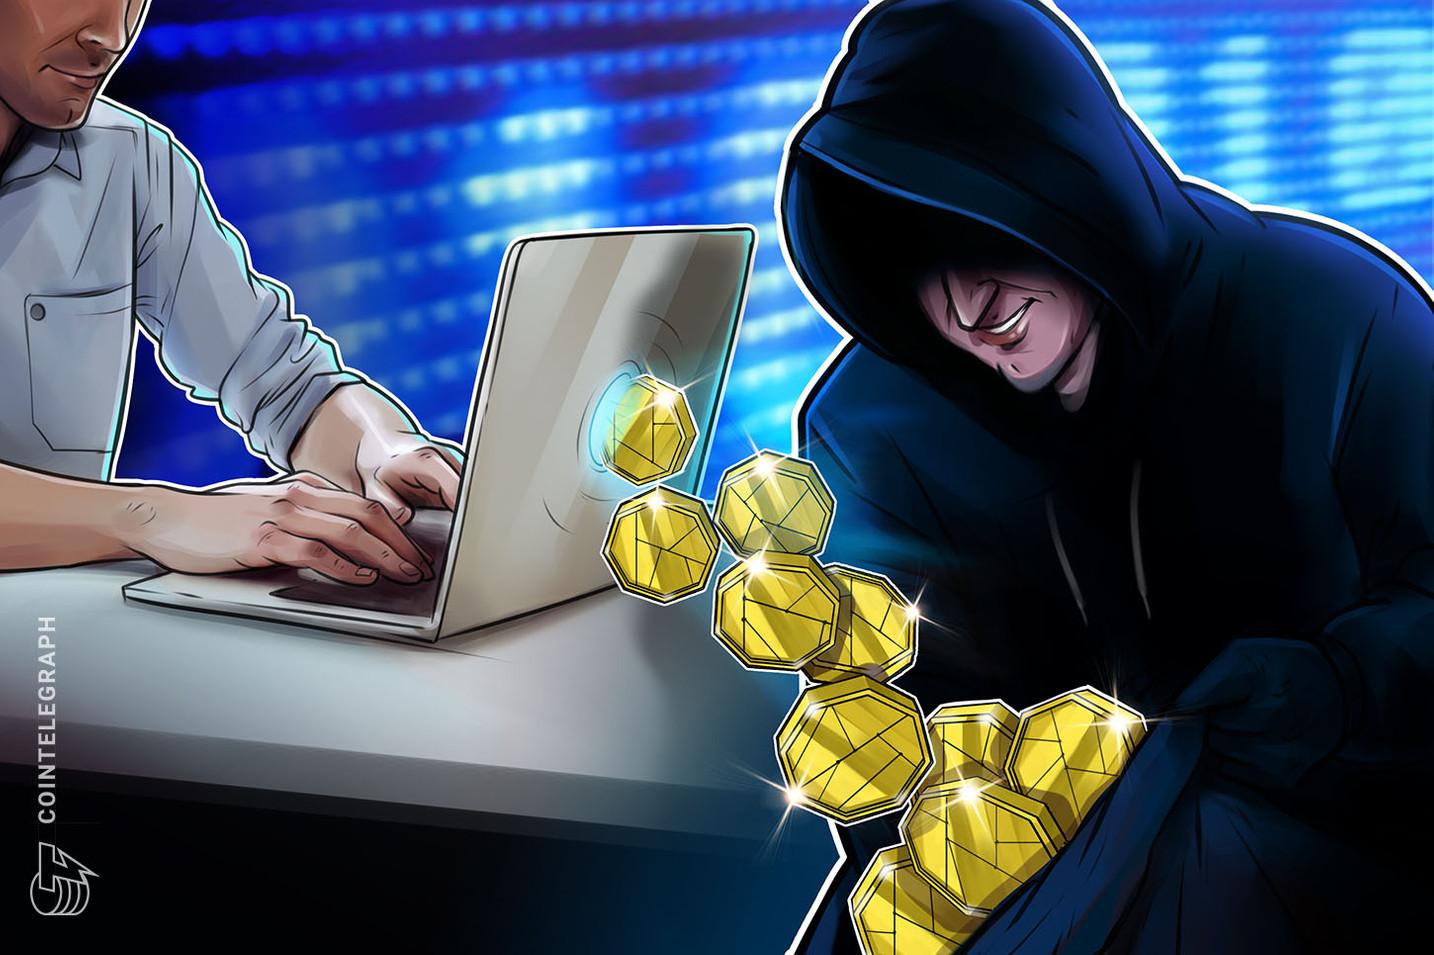 Regno Unito: informatico ruba 34.000€ in criptovalute mentre riparava un network aziendale